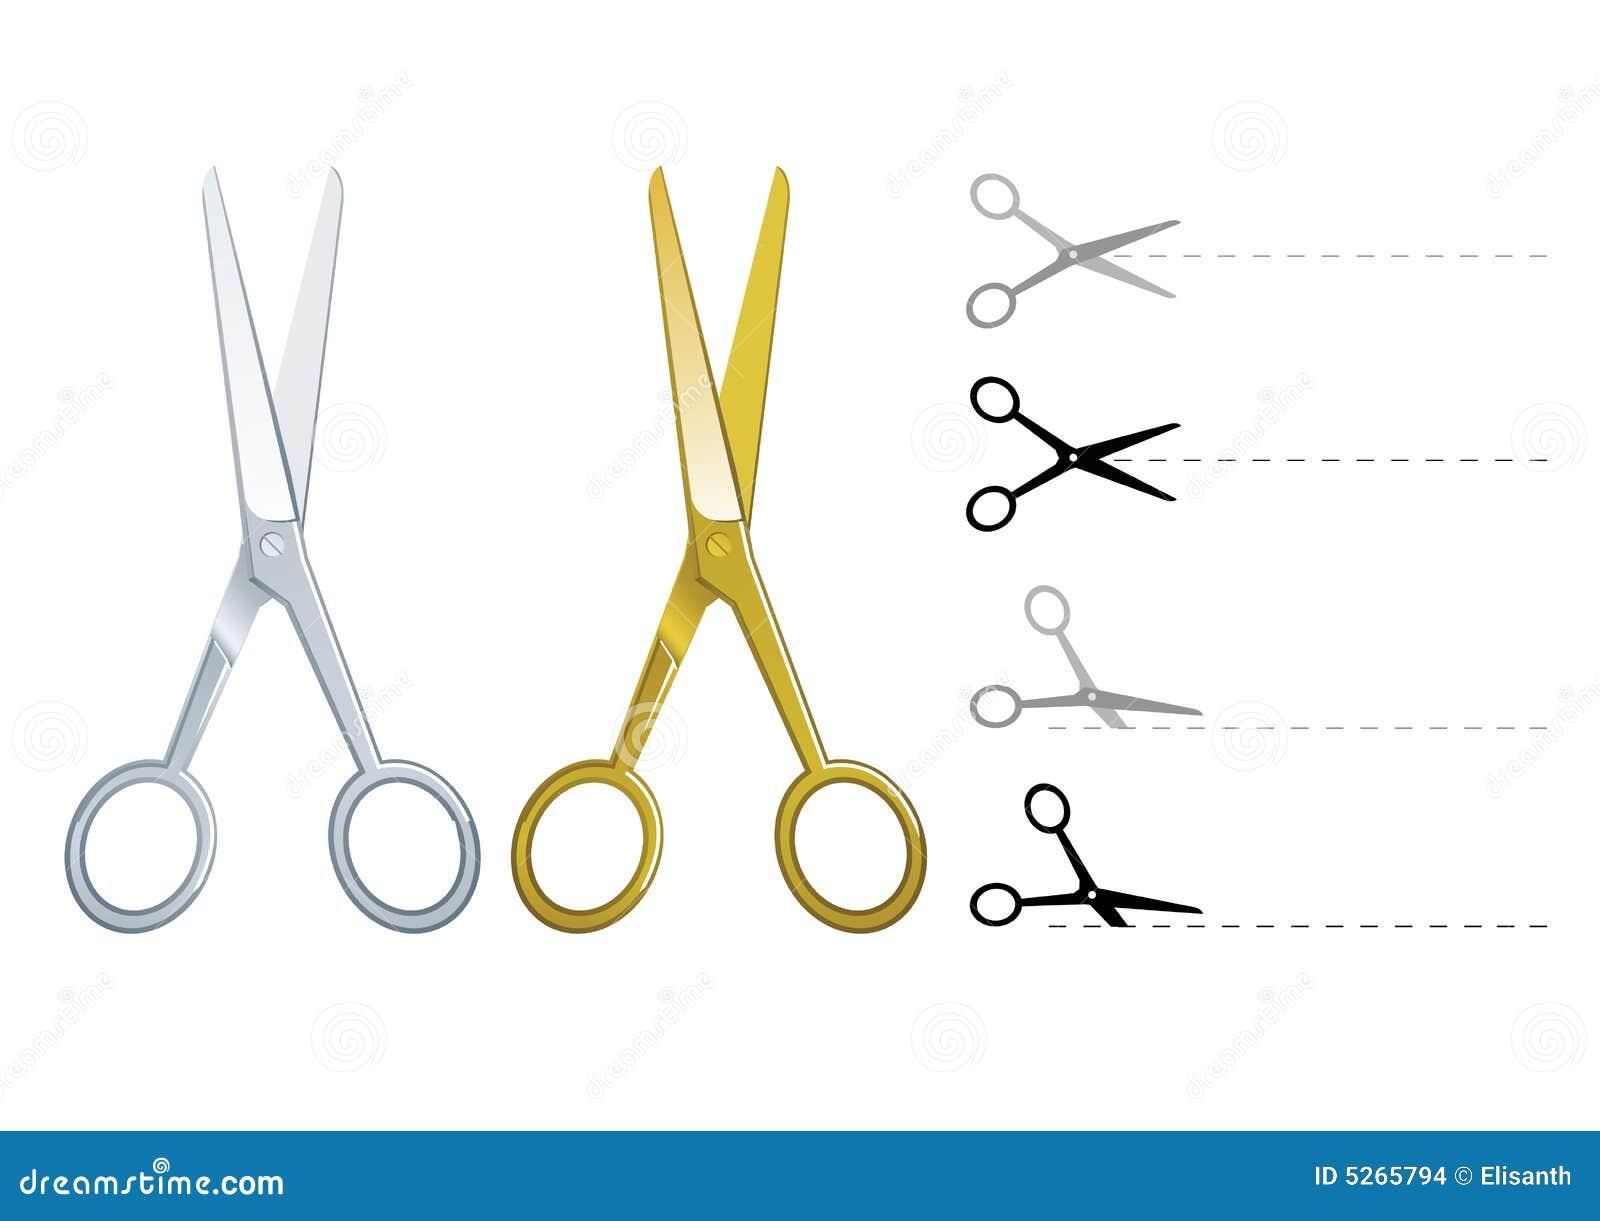 Złote nożyczki ustalić wektor srebra